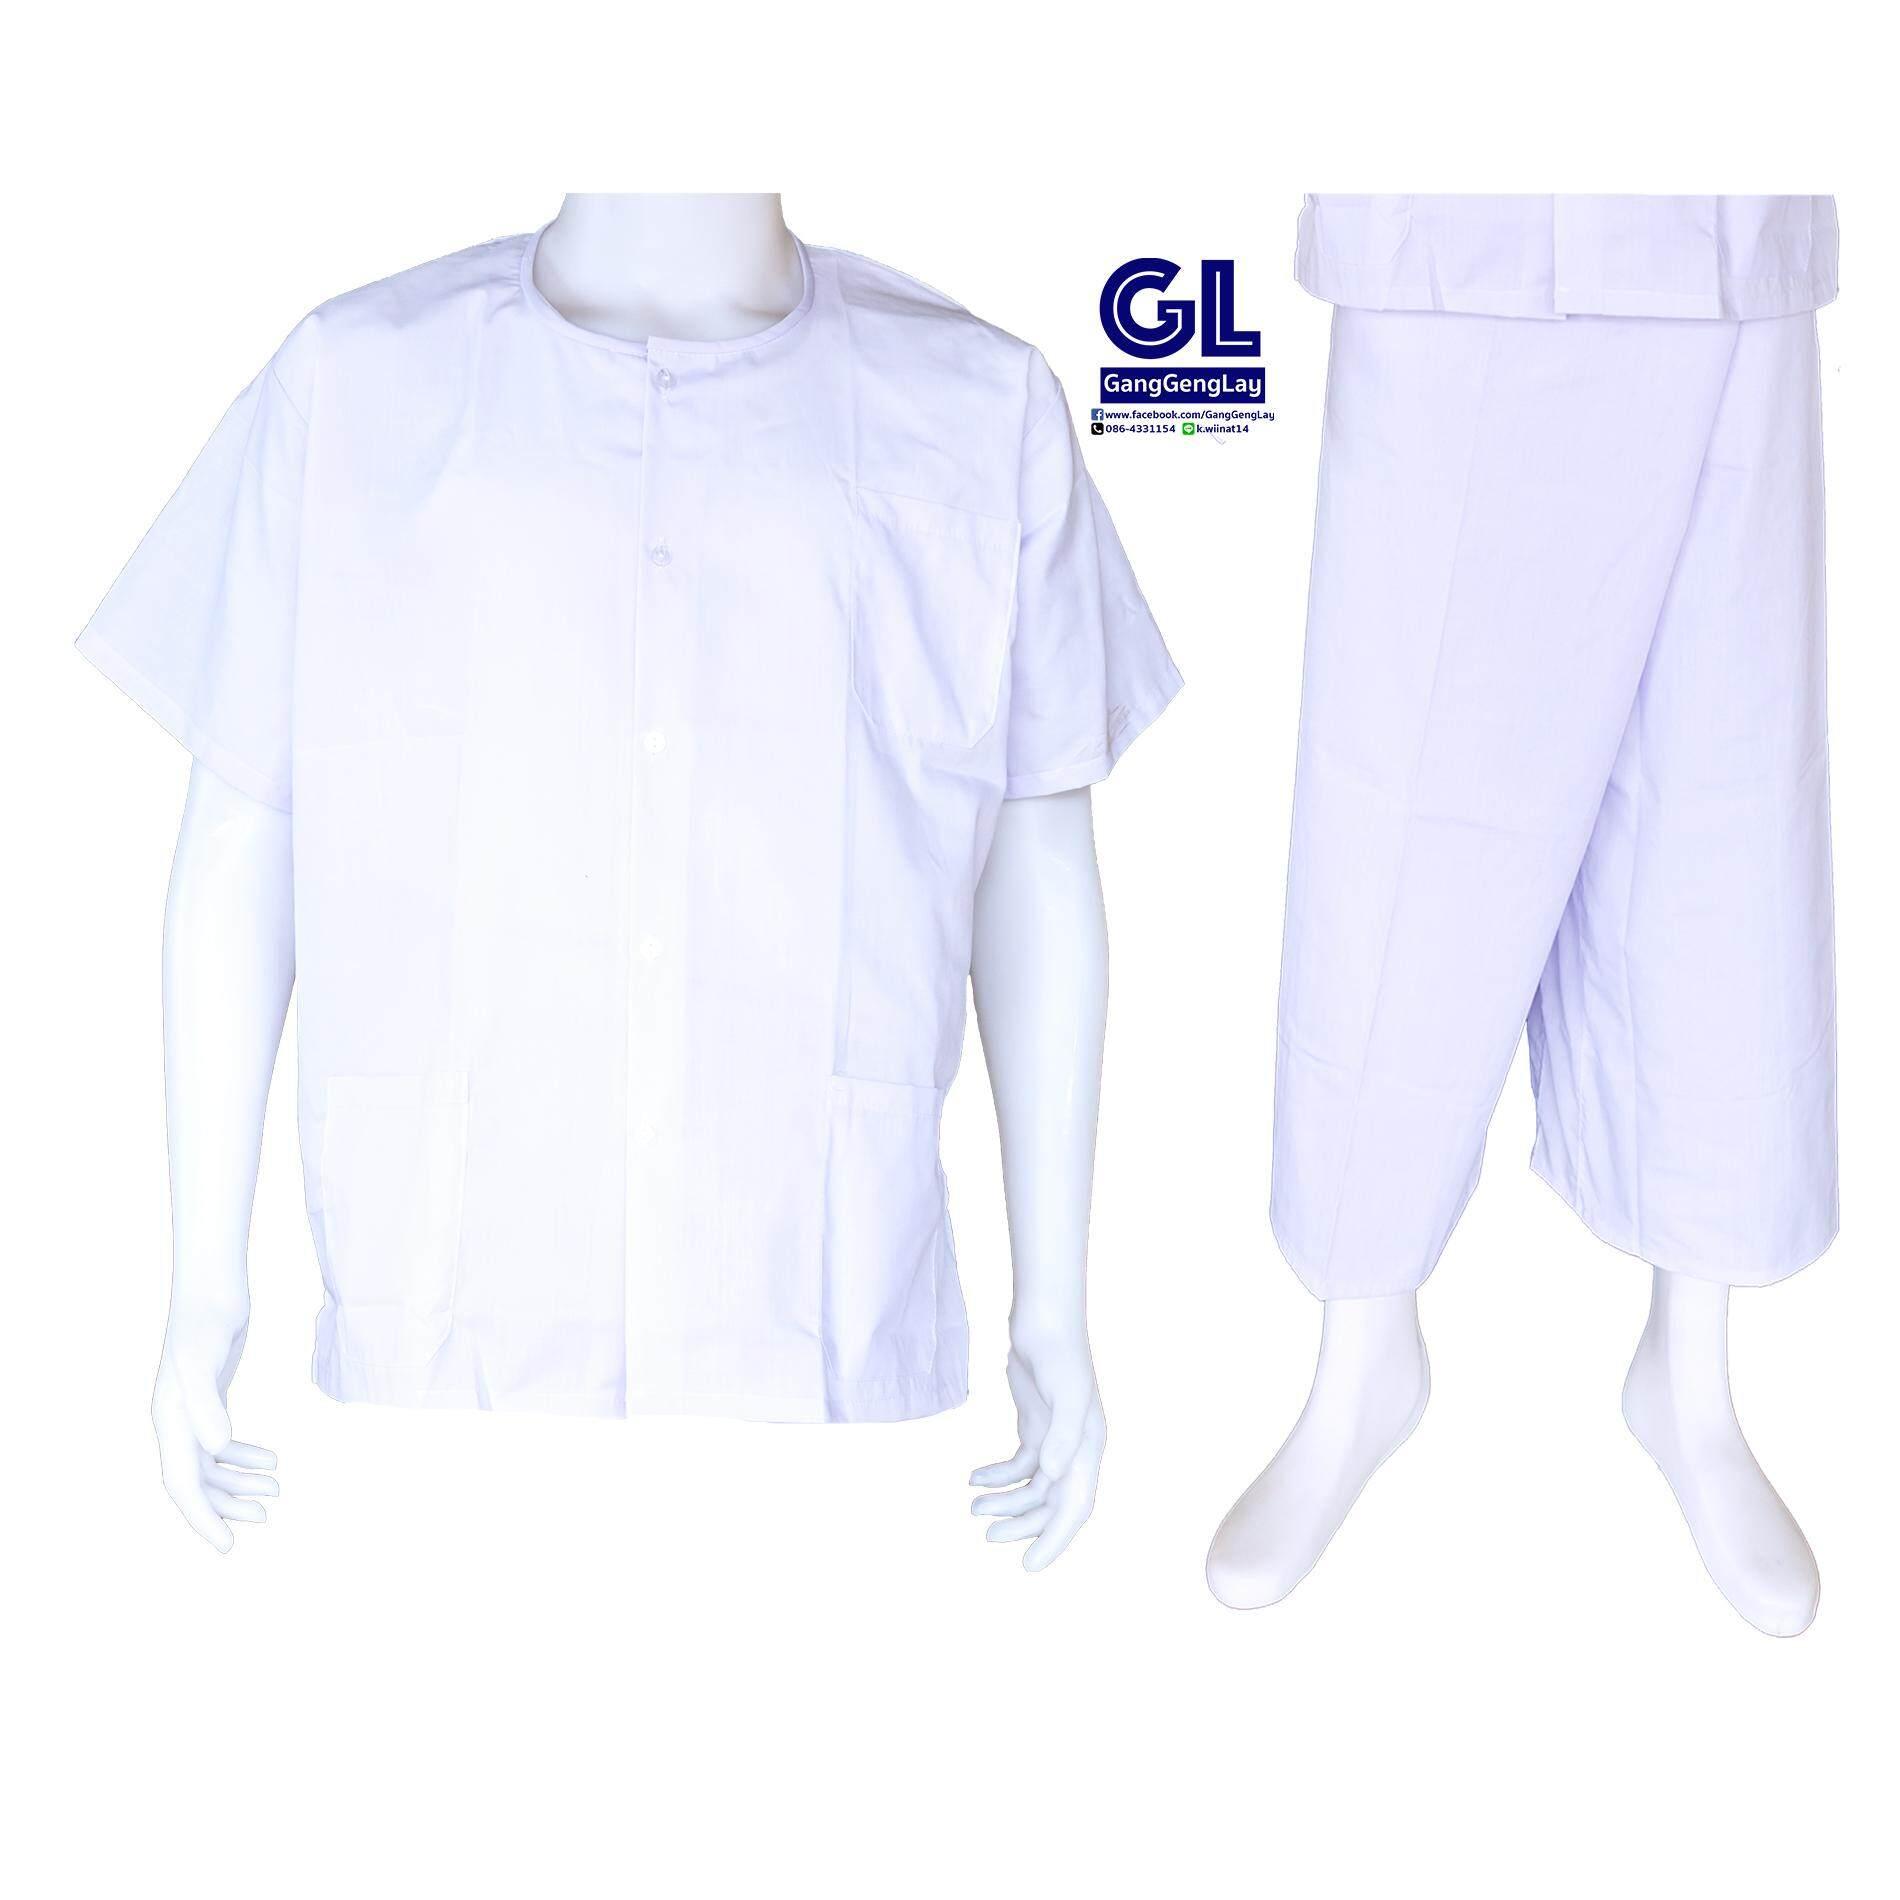 ชุดปฏิบัติธรรม ชุดถือศีล เสื้อกุยเฮง กางเกงขาก๊วยขายาว สีขาว.